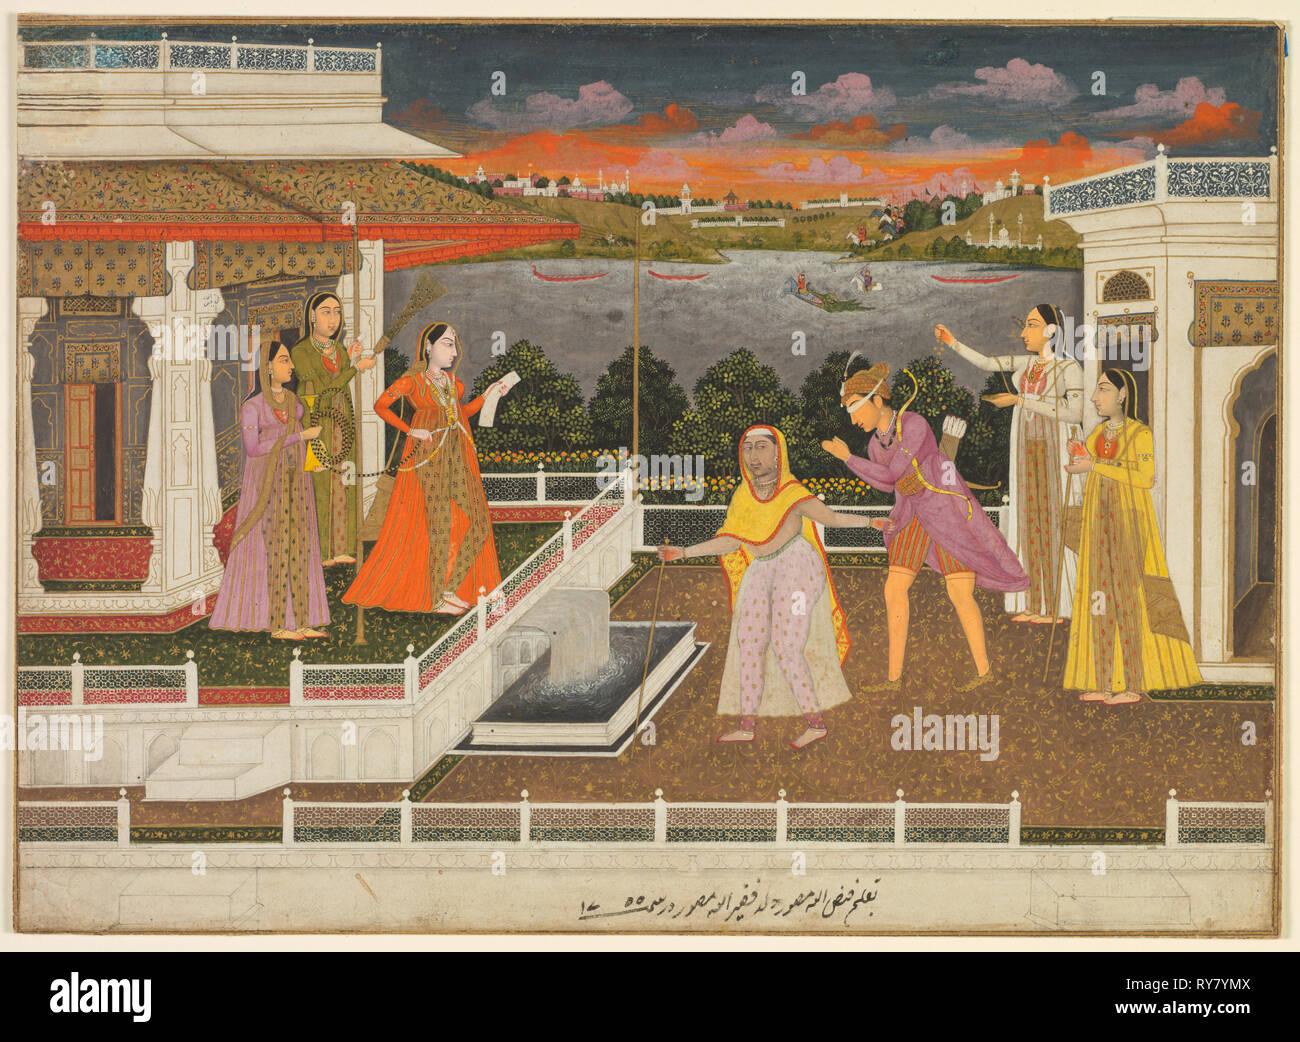 Un corteggiatore bendati viene portato prima di una principessa; tergo: scorrimento vitigni floreali, 1755. Fayzullah (indiano, attivo c. 1730-1765). Acquerello opaco con oro su carta (recto); acquerello opaco con oro su carta (tergo Foto Stock